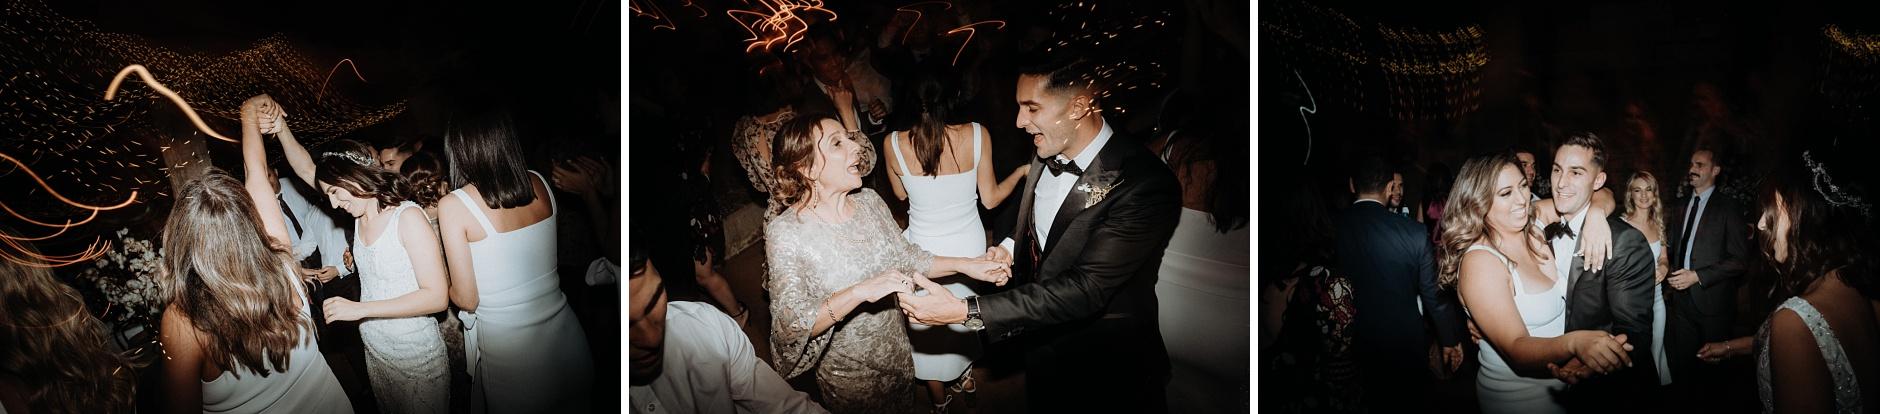 cassandra&cameron1149a_Peppers-Creek-Wedding.jpg